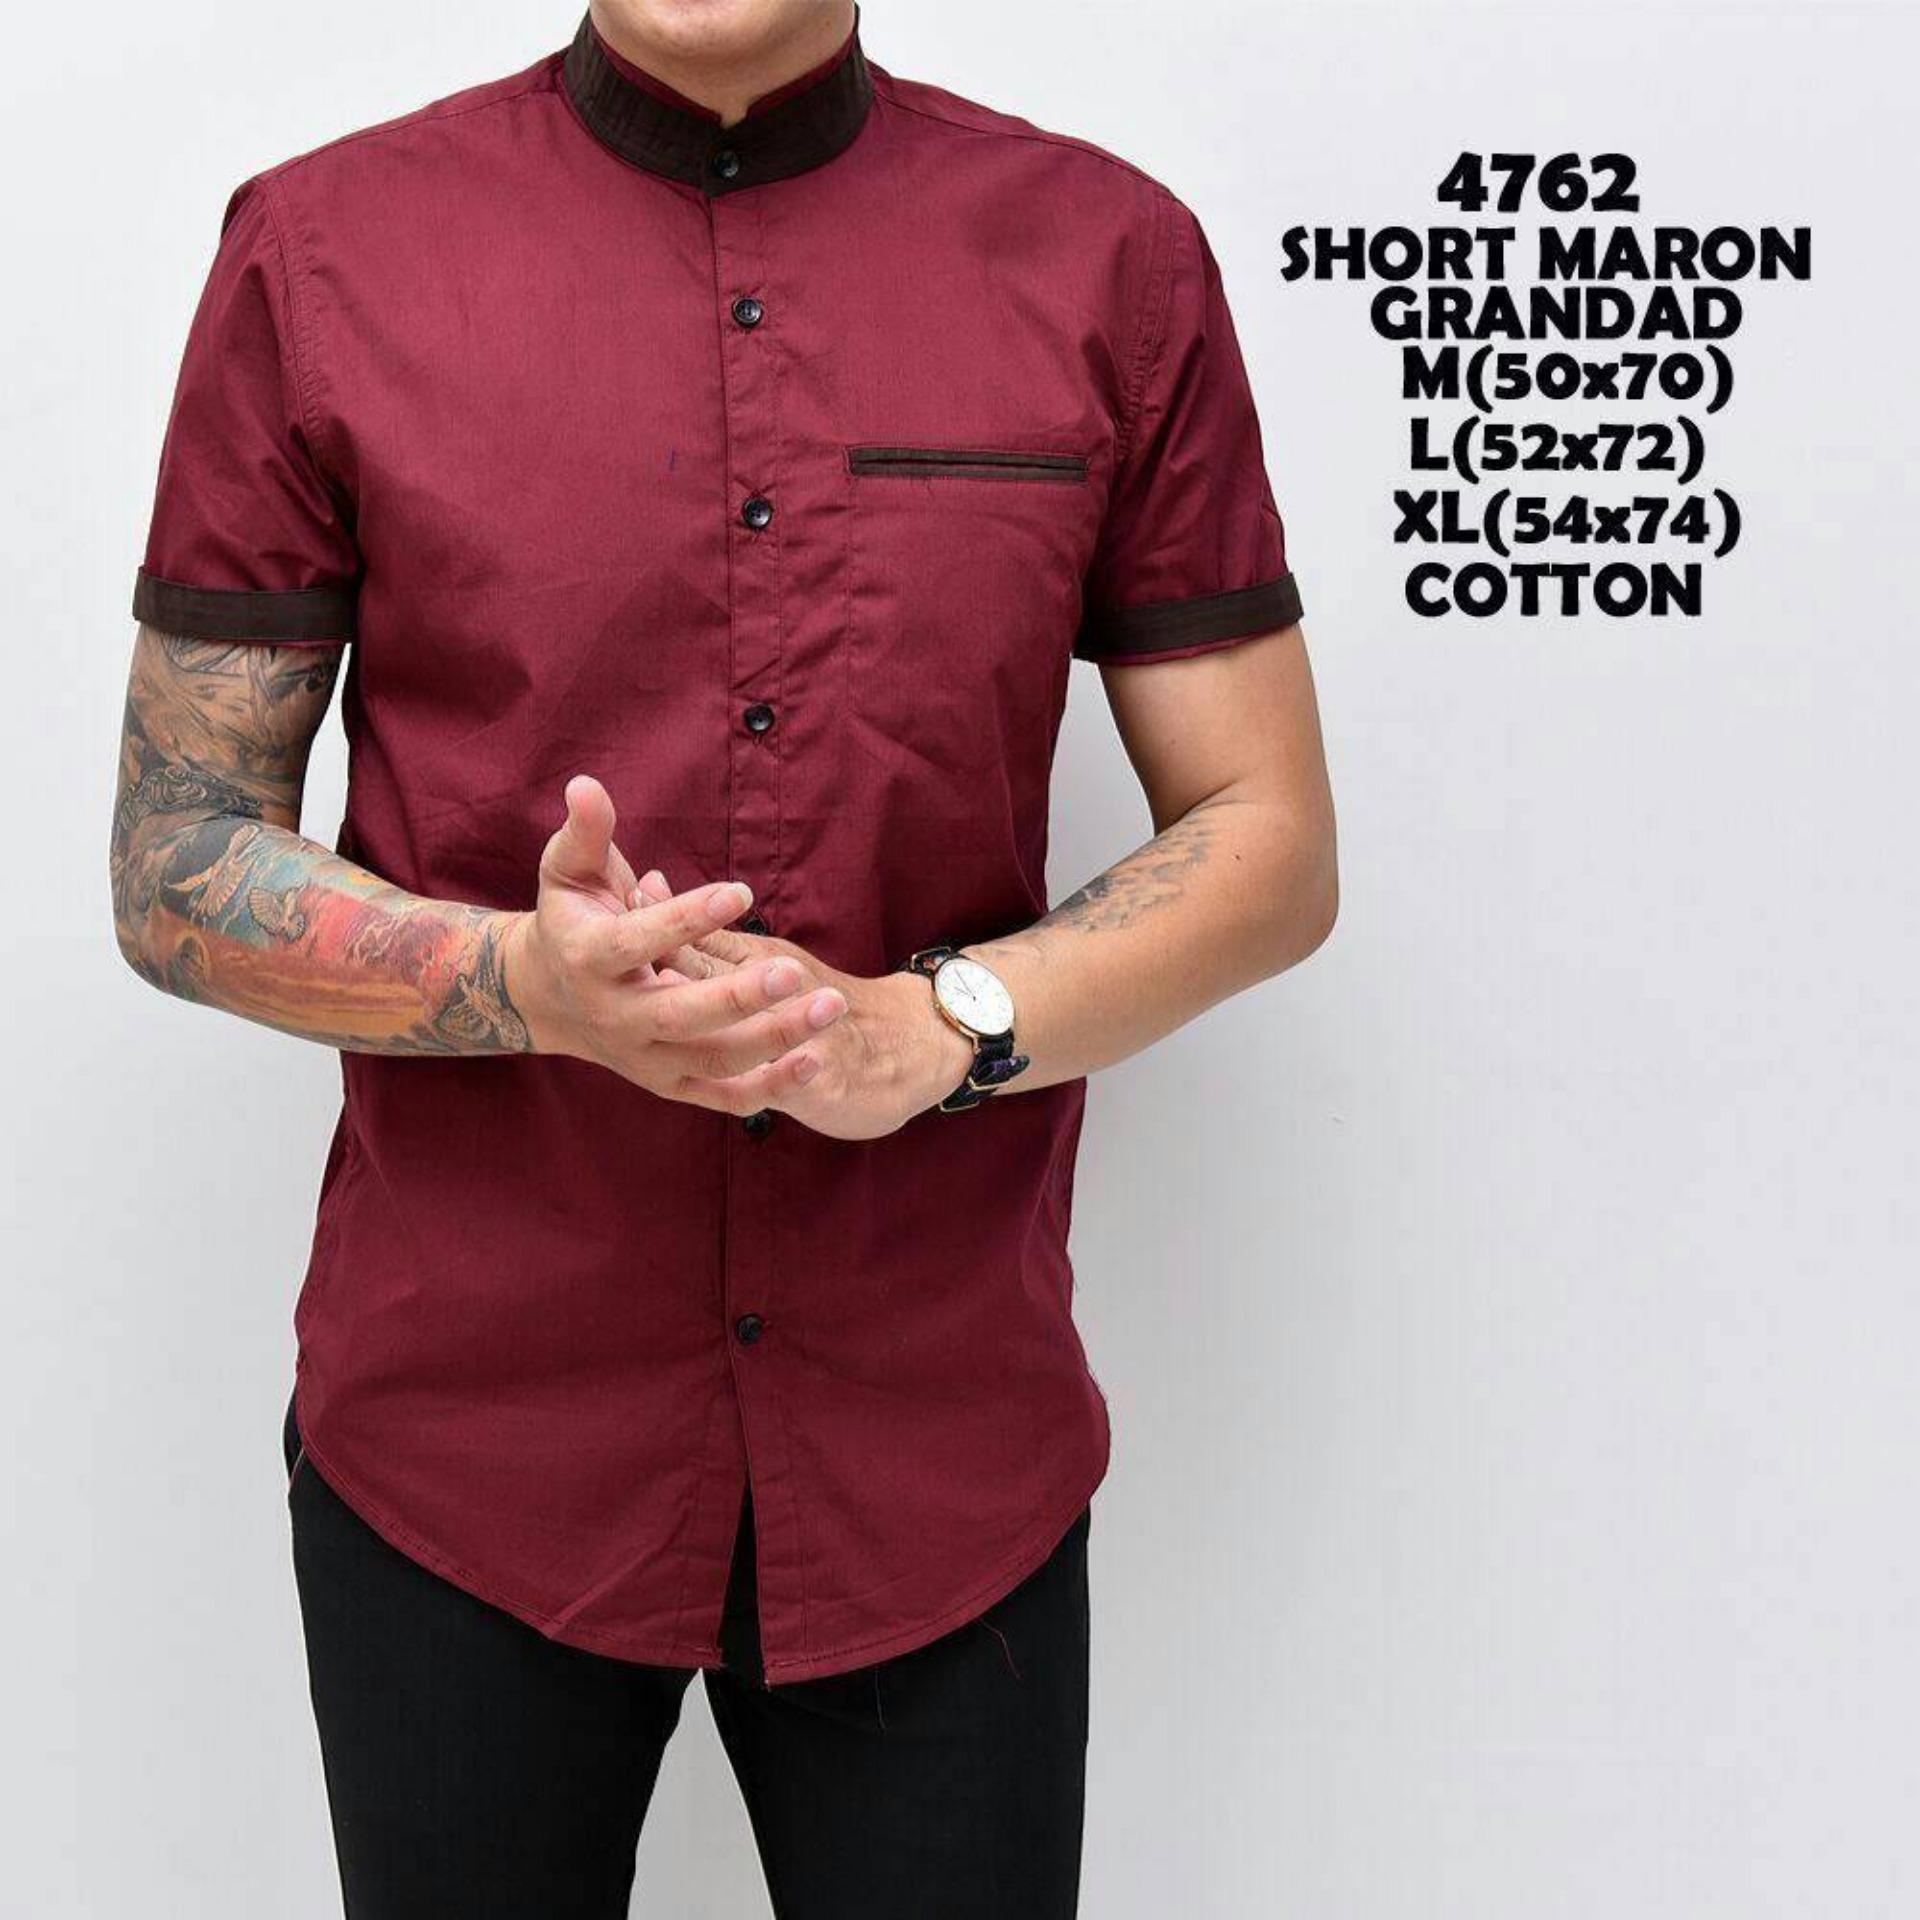 Harga Kemeja Pria Murah Kerah Sanghai Baju Kerja Cowok Slimfit Lengan Pendek Kaos Casual Keren Original